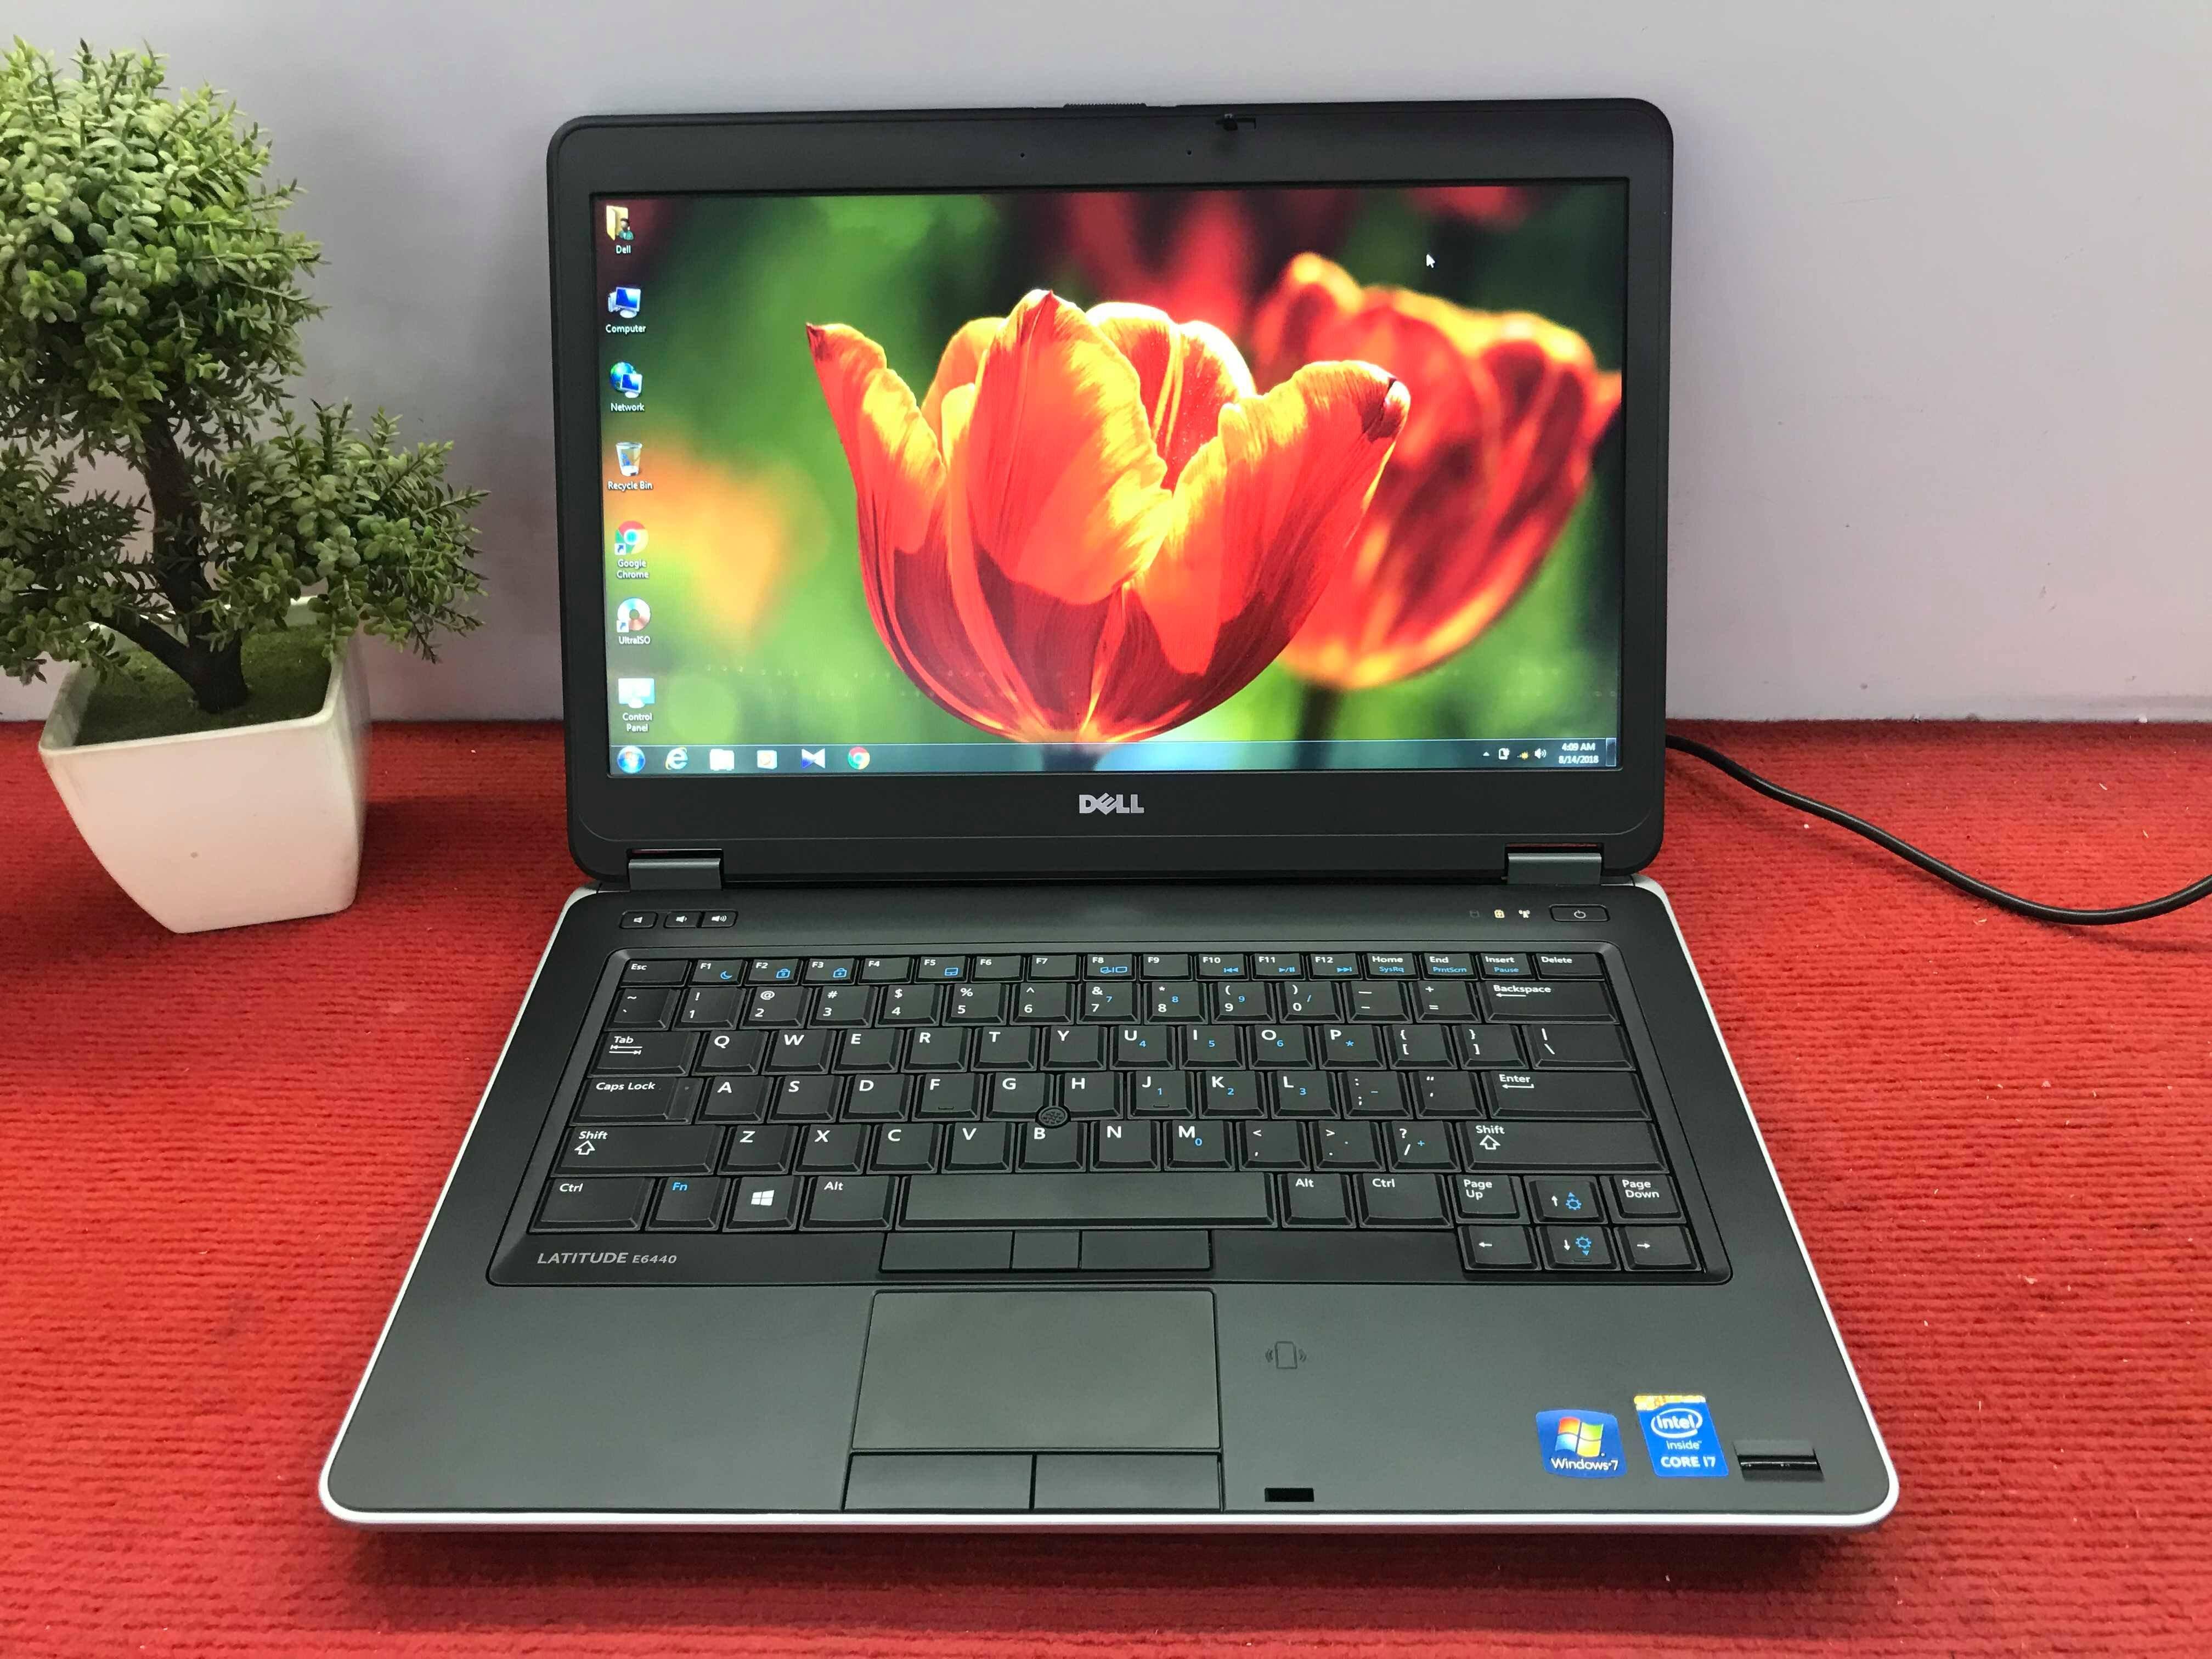 Dell Latitude E6440 xử lý công việc hiệu quả, chạy tác vụ mượt mà